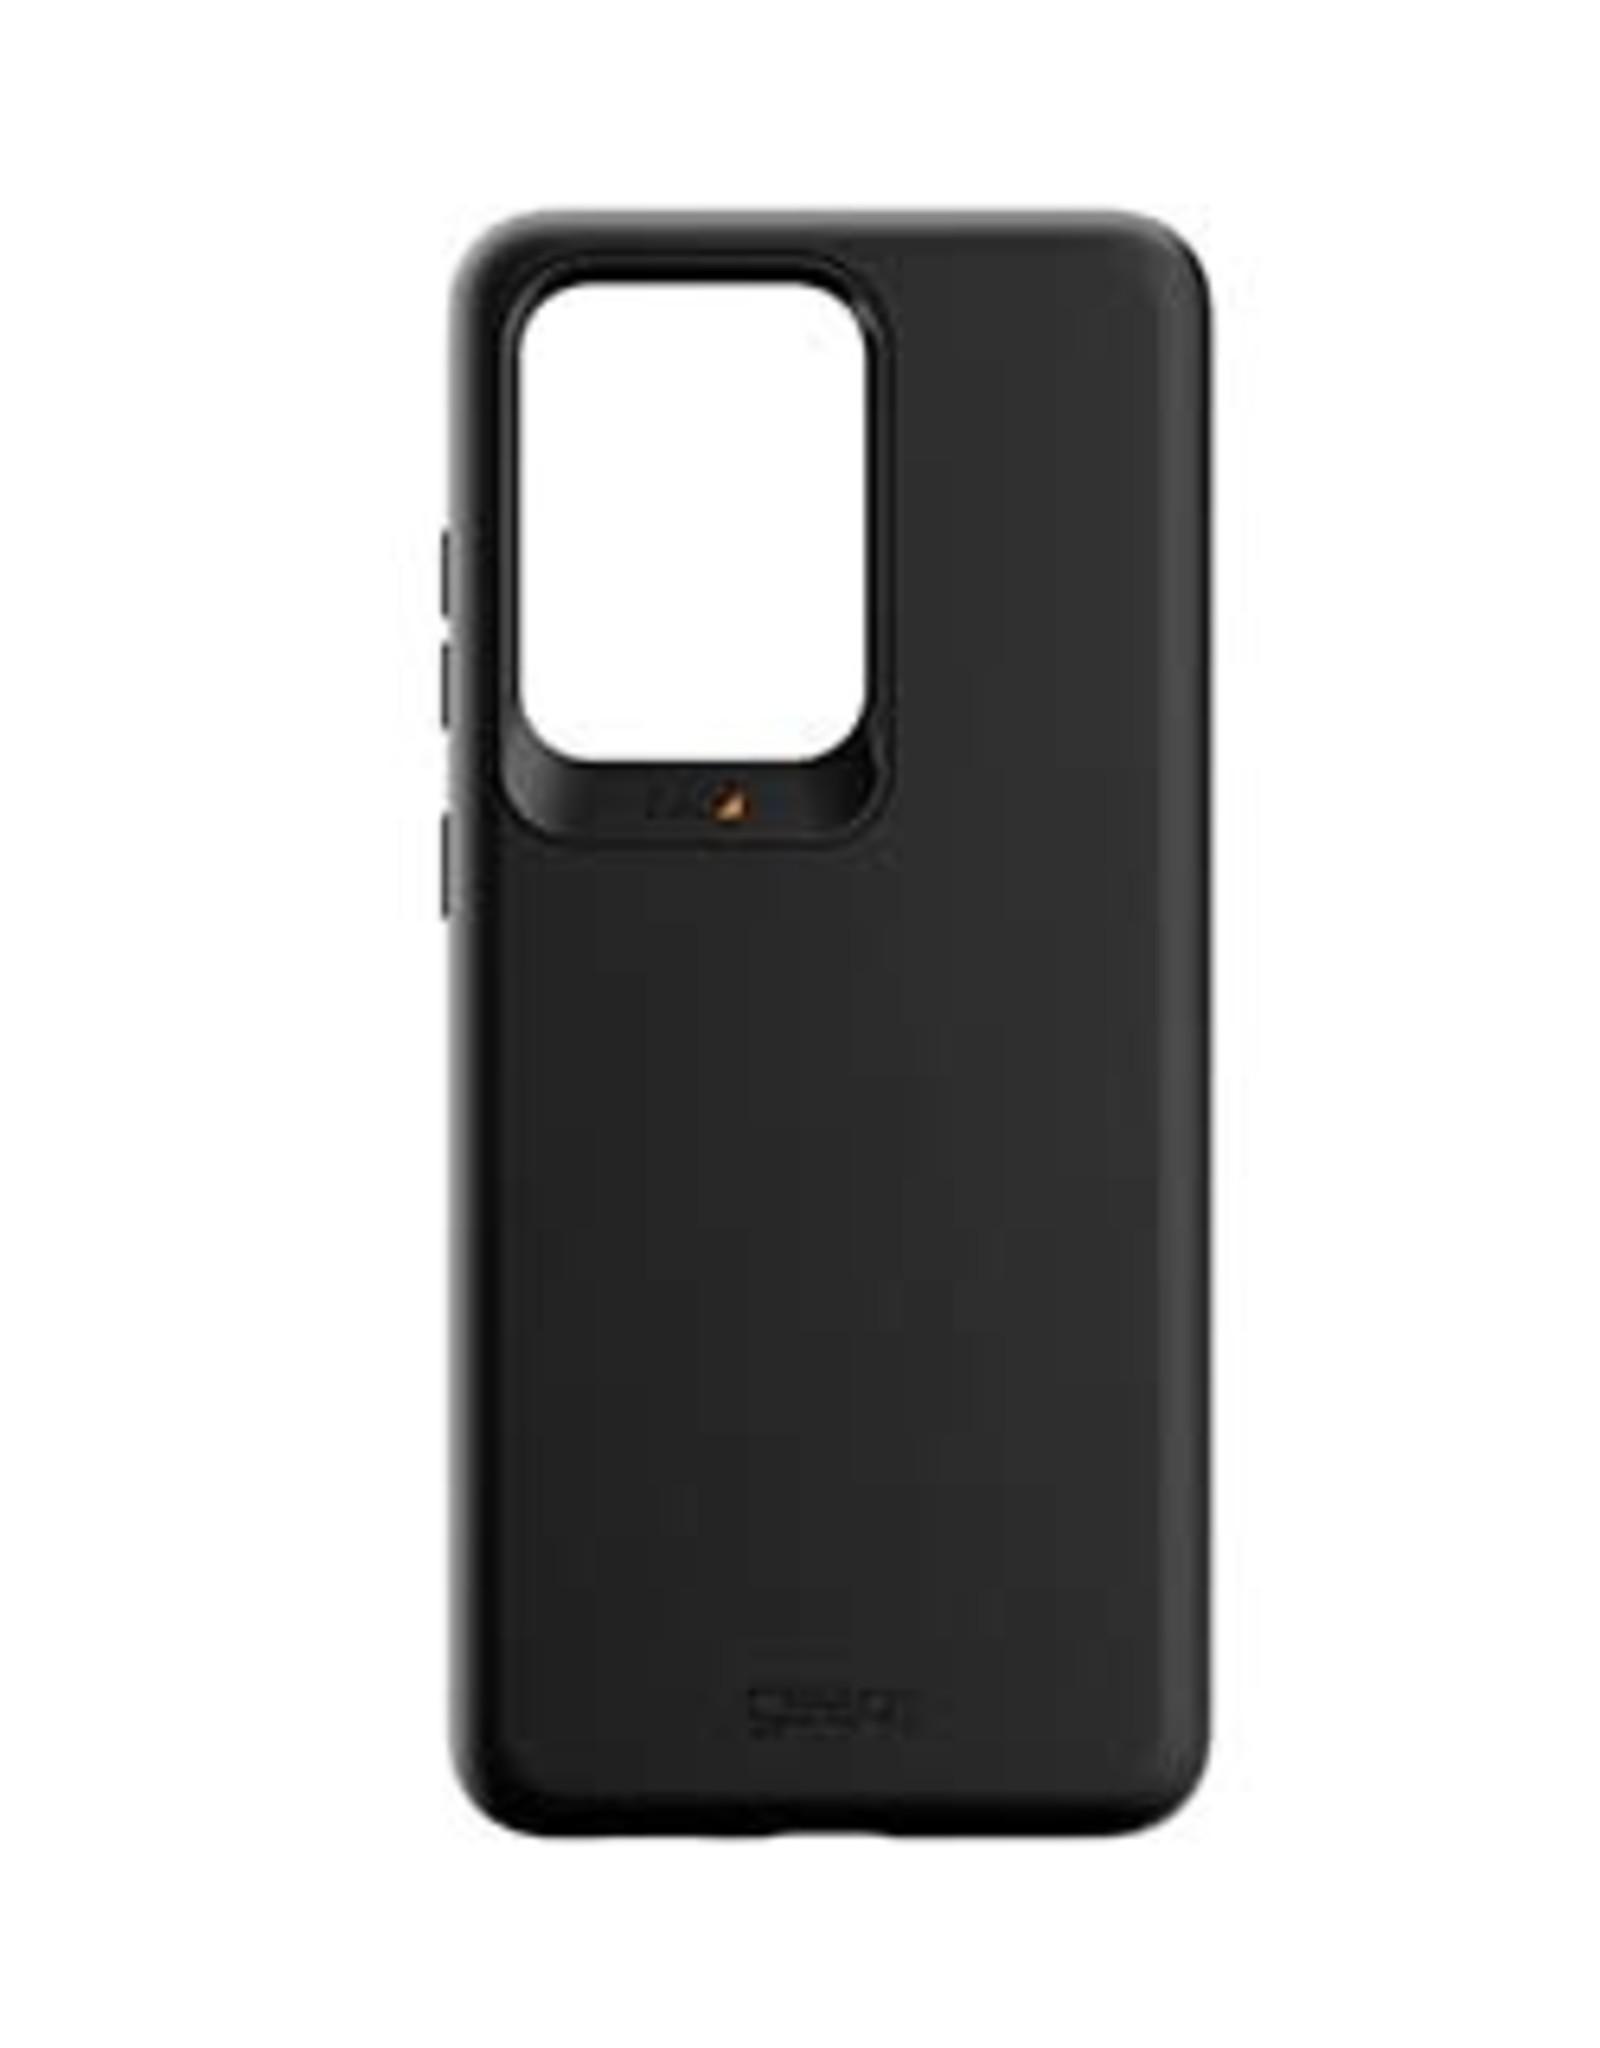 GEAR4 GEAR4 | Samsung Galaxy S20 Ultra  D3O Black Holborn Case15-06628